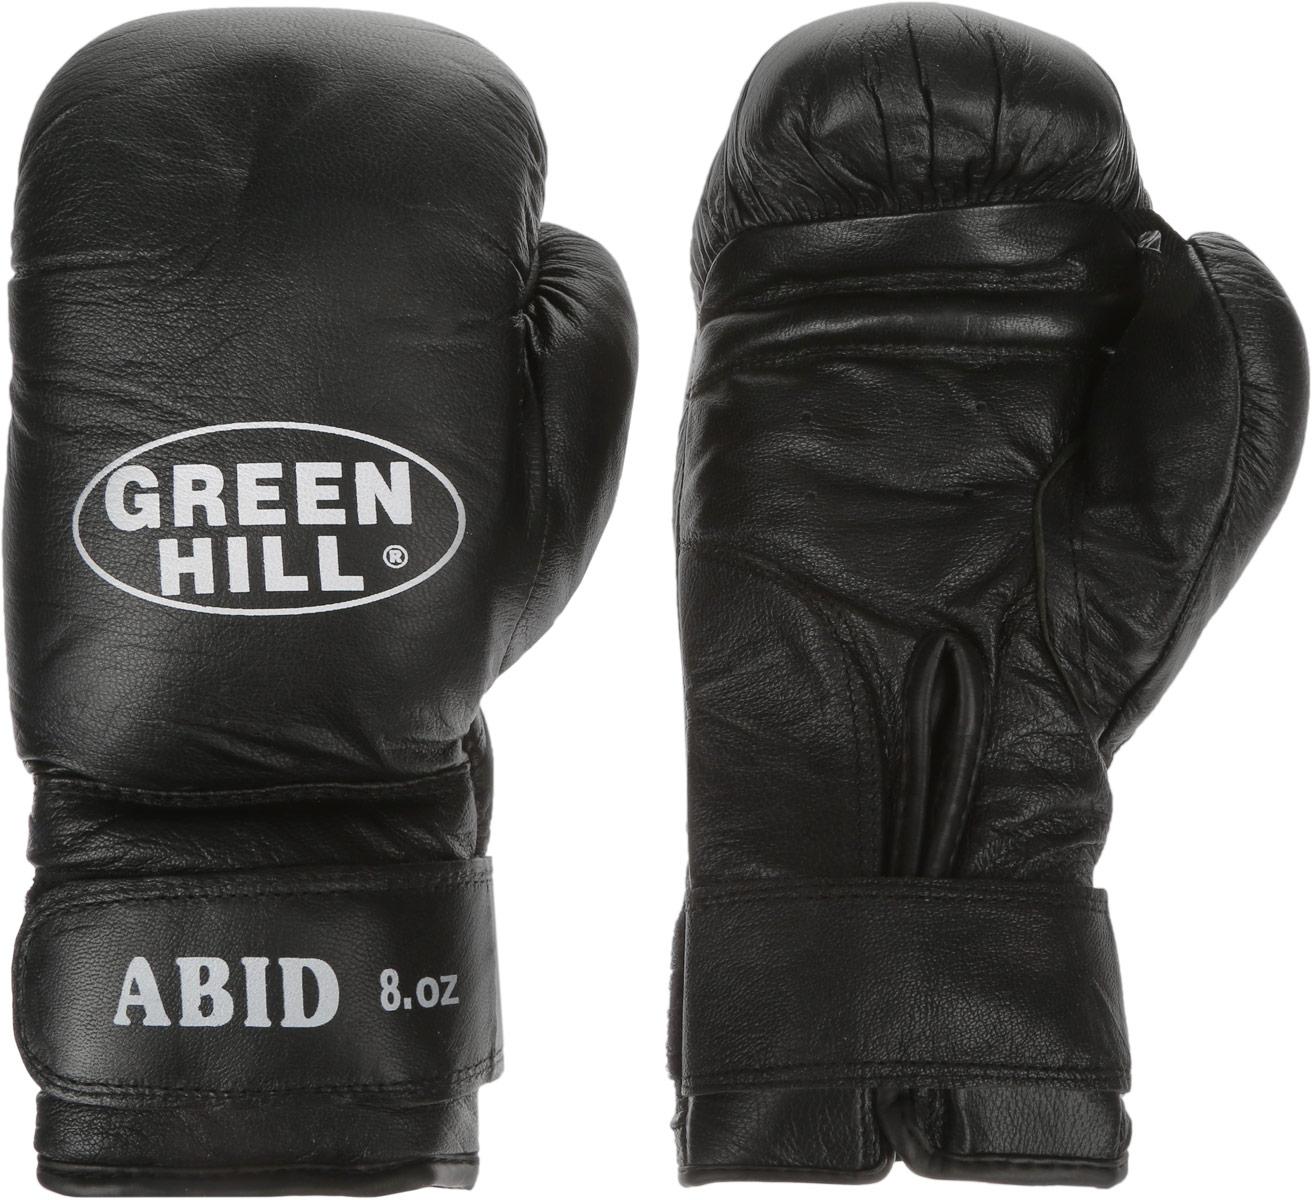 Перчатки боксерские Green Hill Abid, цвет: черный, белый. Вес 8 унцийBGA-2024Боксерские тренировочные перчатки Green Hill Abid выполнены из натуральной кожи. Они отлично подойдут для начинающих спортсменов. Мягкий наполнитель из очеса предотвращает любые травмы. Отверстия в районе ладони обеспечивают вентиляцию. Широкий ремень, охватывая запястье, полностью оборачивается вокруг манжеты, благодаря чему создается дополнительная защита лучезапястного сустава от травмирования. Застежка на липучке способствует быстрому и удобному одеванию перчаток, плотно фиксирует перчатки на руке.